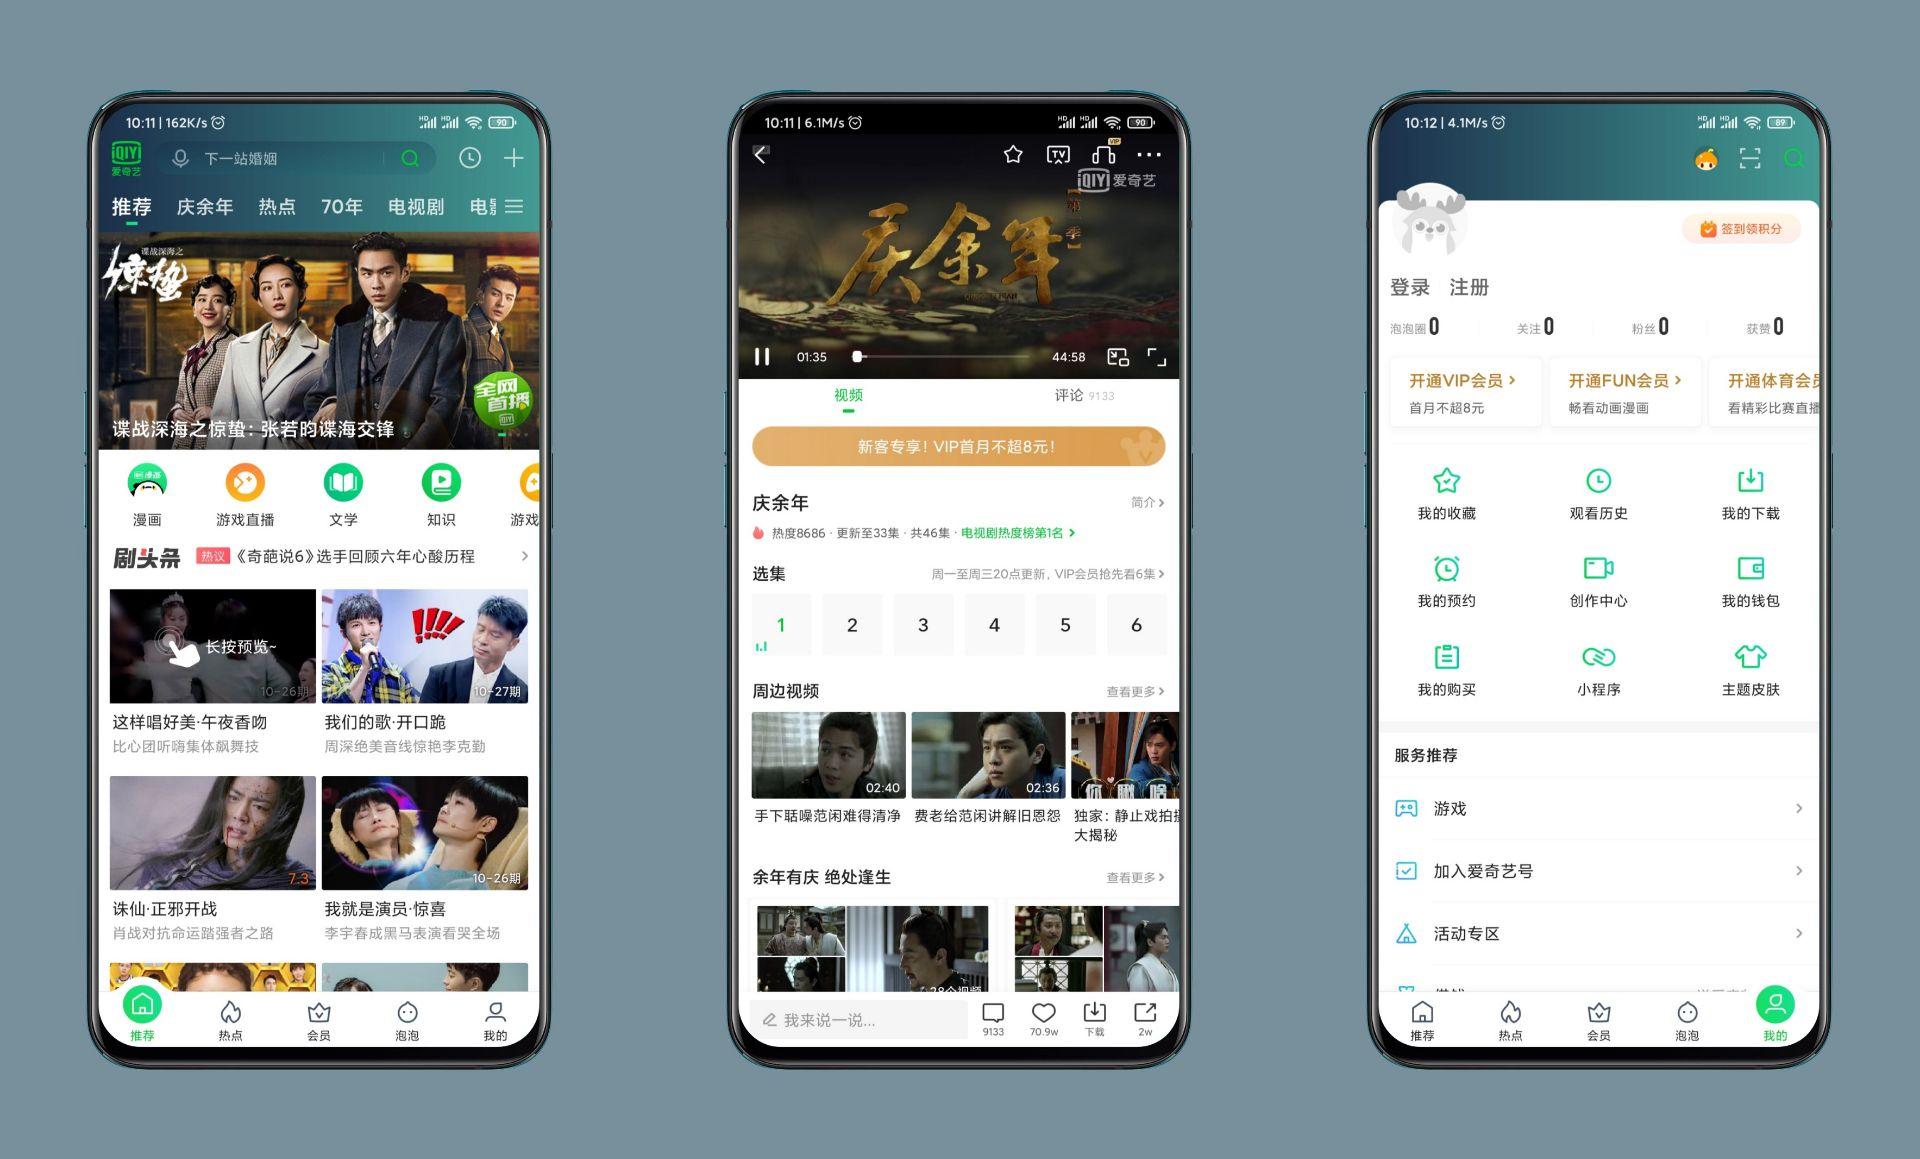 最新安卓爱奇艺v10.1.2去广告优化版